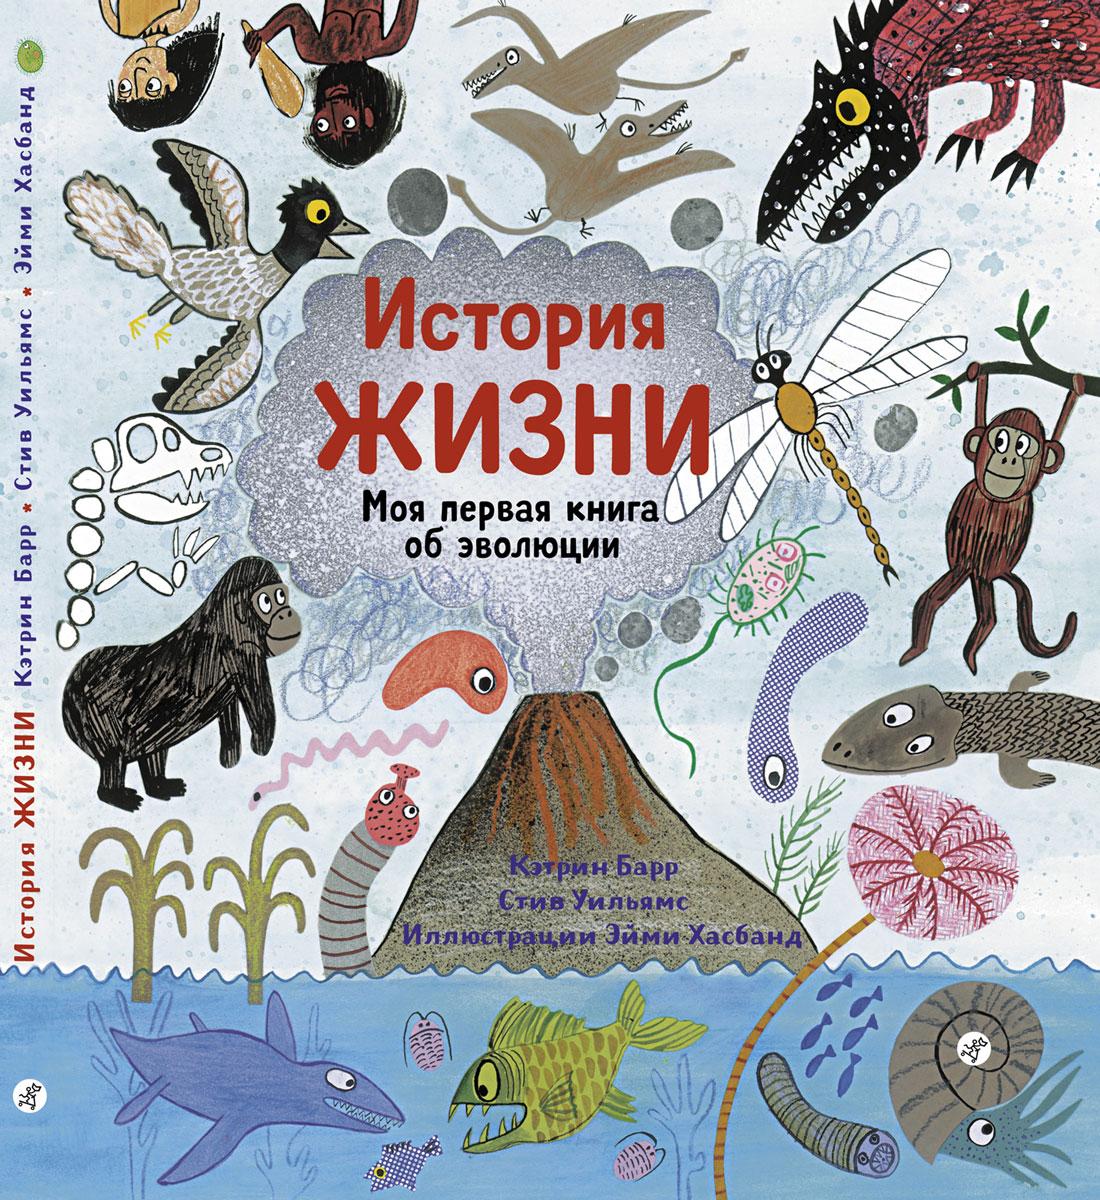 Zakazat.ru: История жизни. Моя первая книга об эволюции. Кэтрин Барр, Стив Уильямс